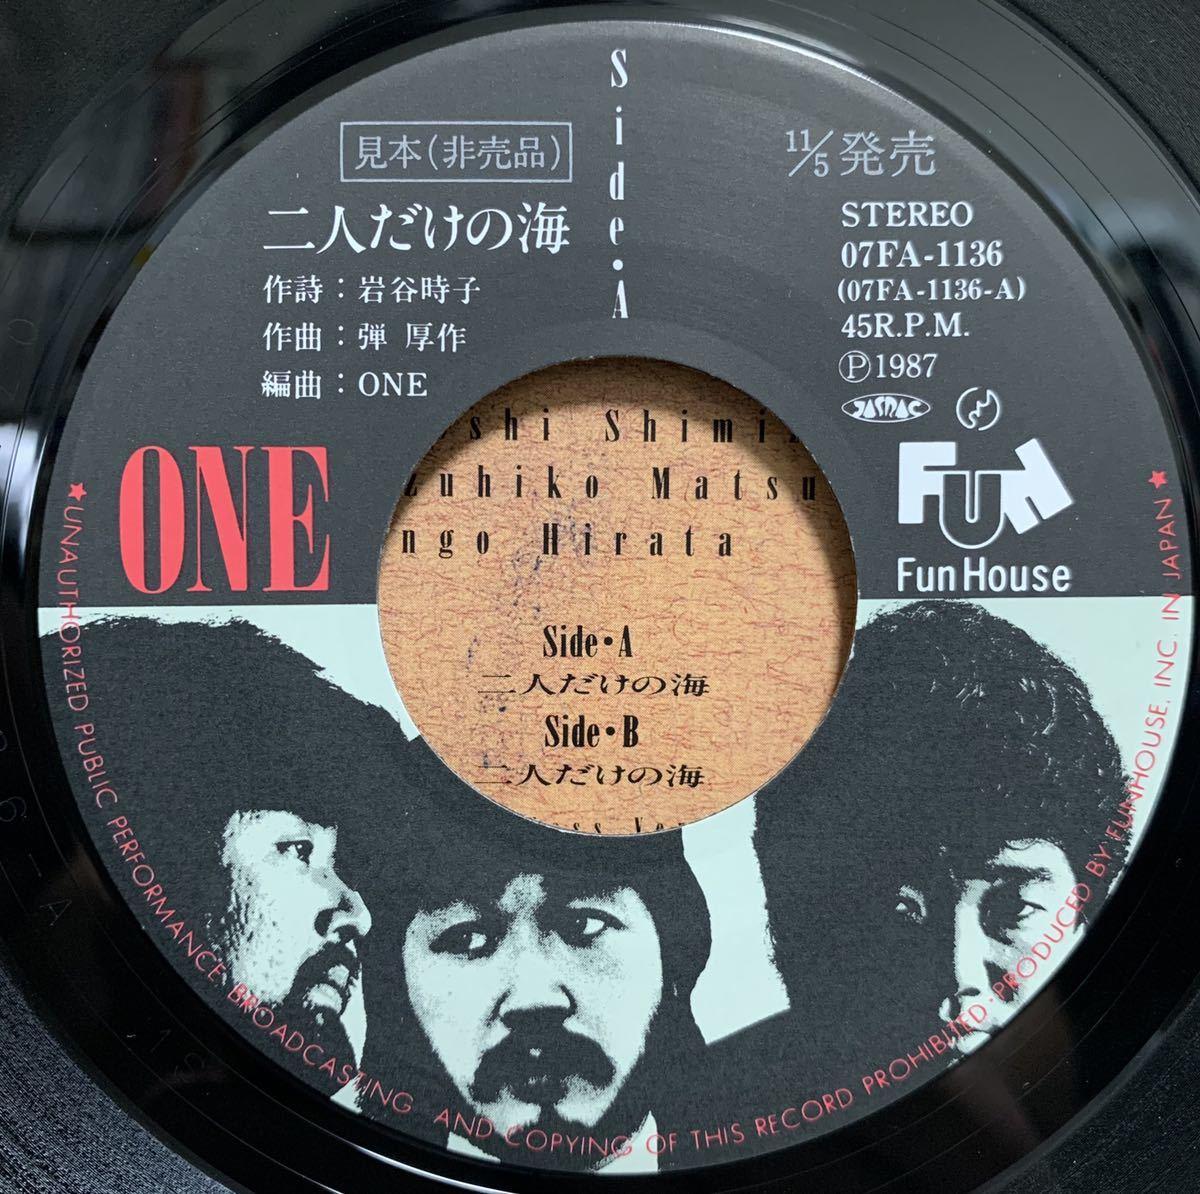 【EP】【7インチレコード】激レア 87年 非売品 見本盤 ONE / 二人だけの海 CD移行期 和モノ_画像4